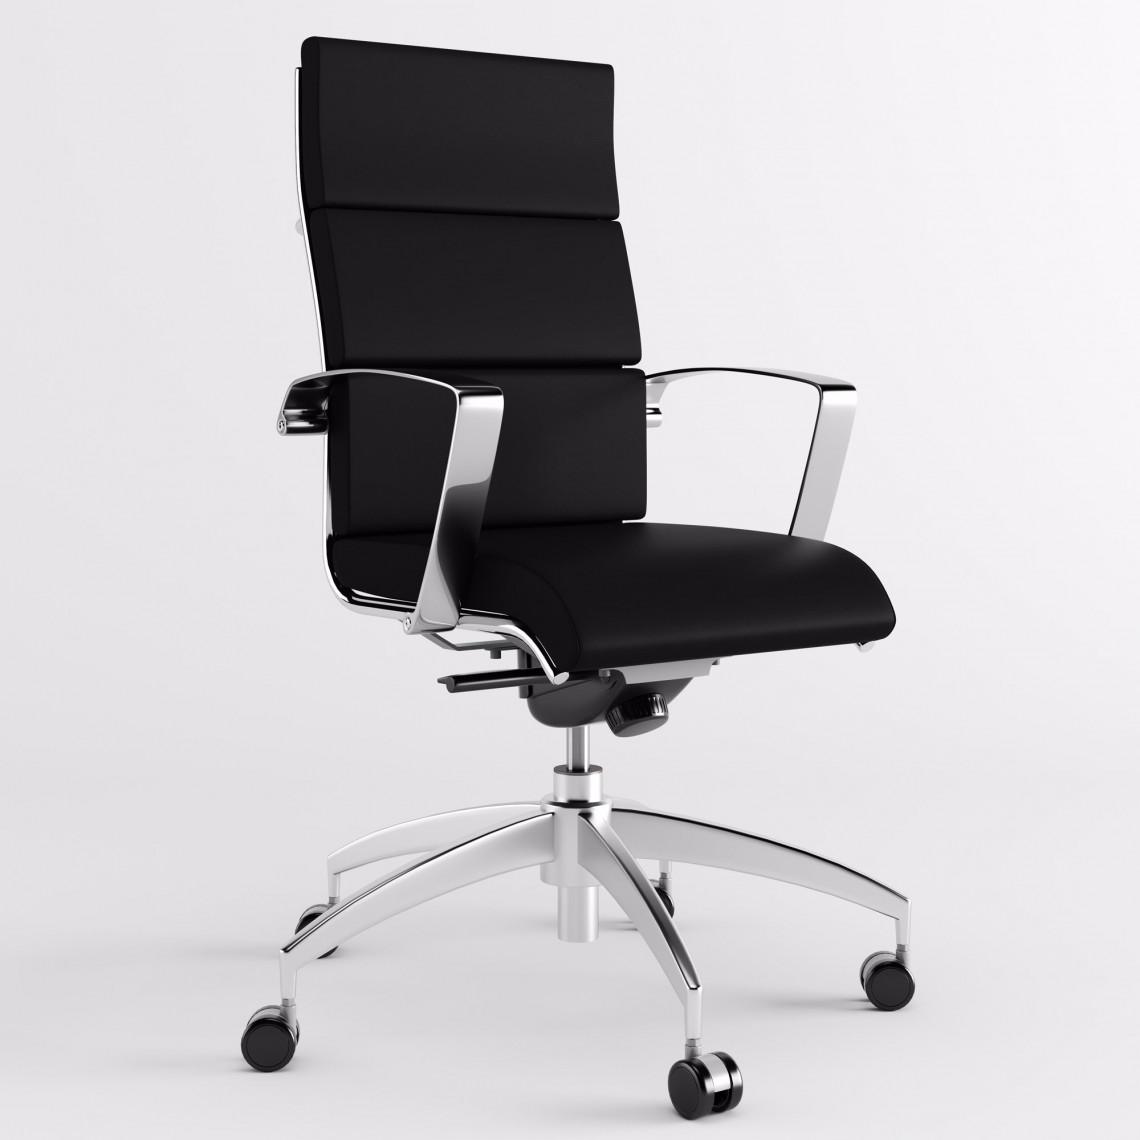 Origami CU karmstol med hög rygg